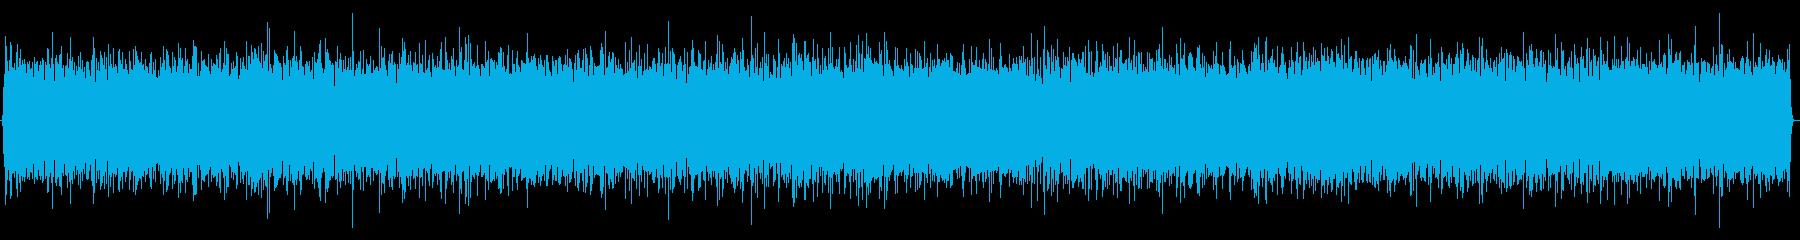 映写機01-2の再生済みの波形